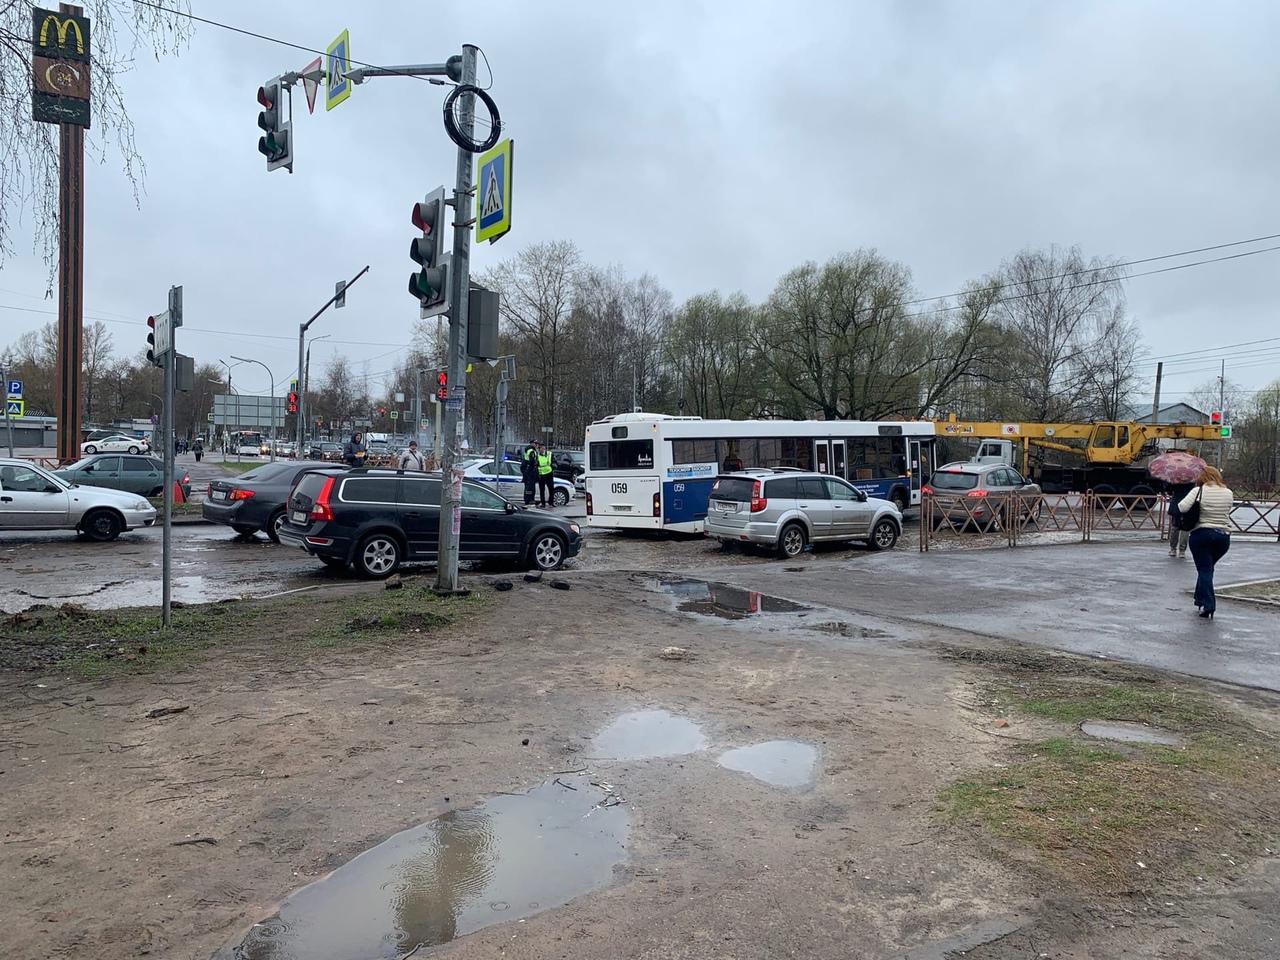 Проспект Машиностроителей в Ярославле встал из-за застрявшего автобуса